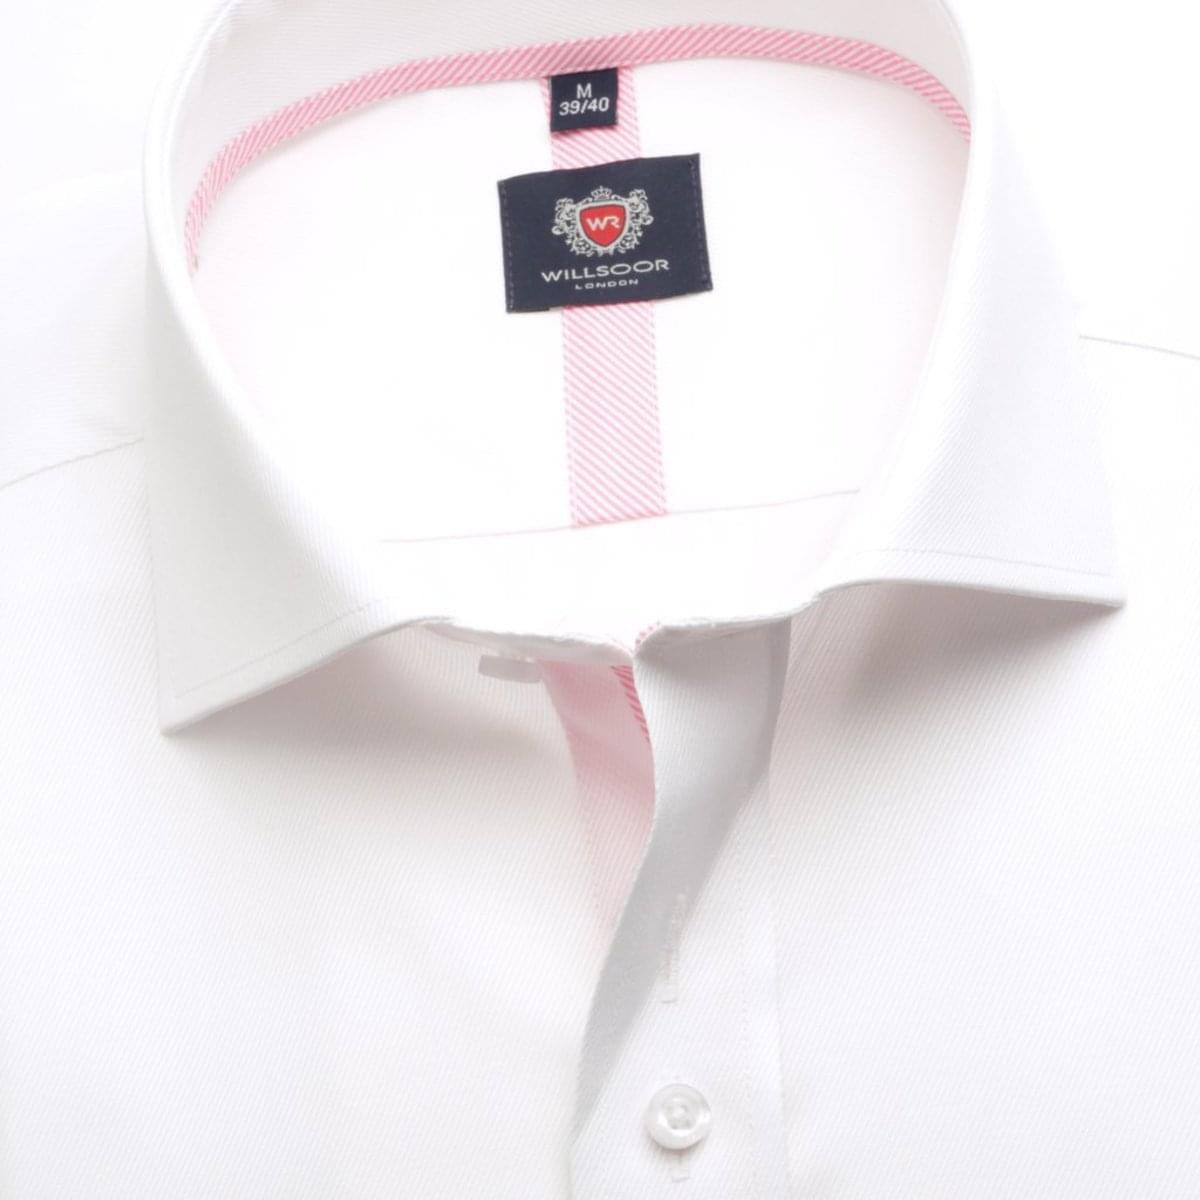 Pánská košile London v bílé barvě (výška 176-182) 5451 176-182 / XL (43/44)